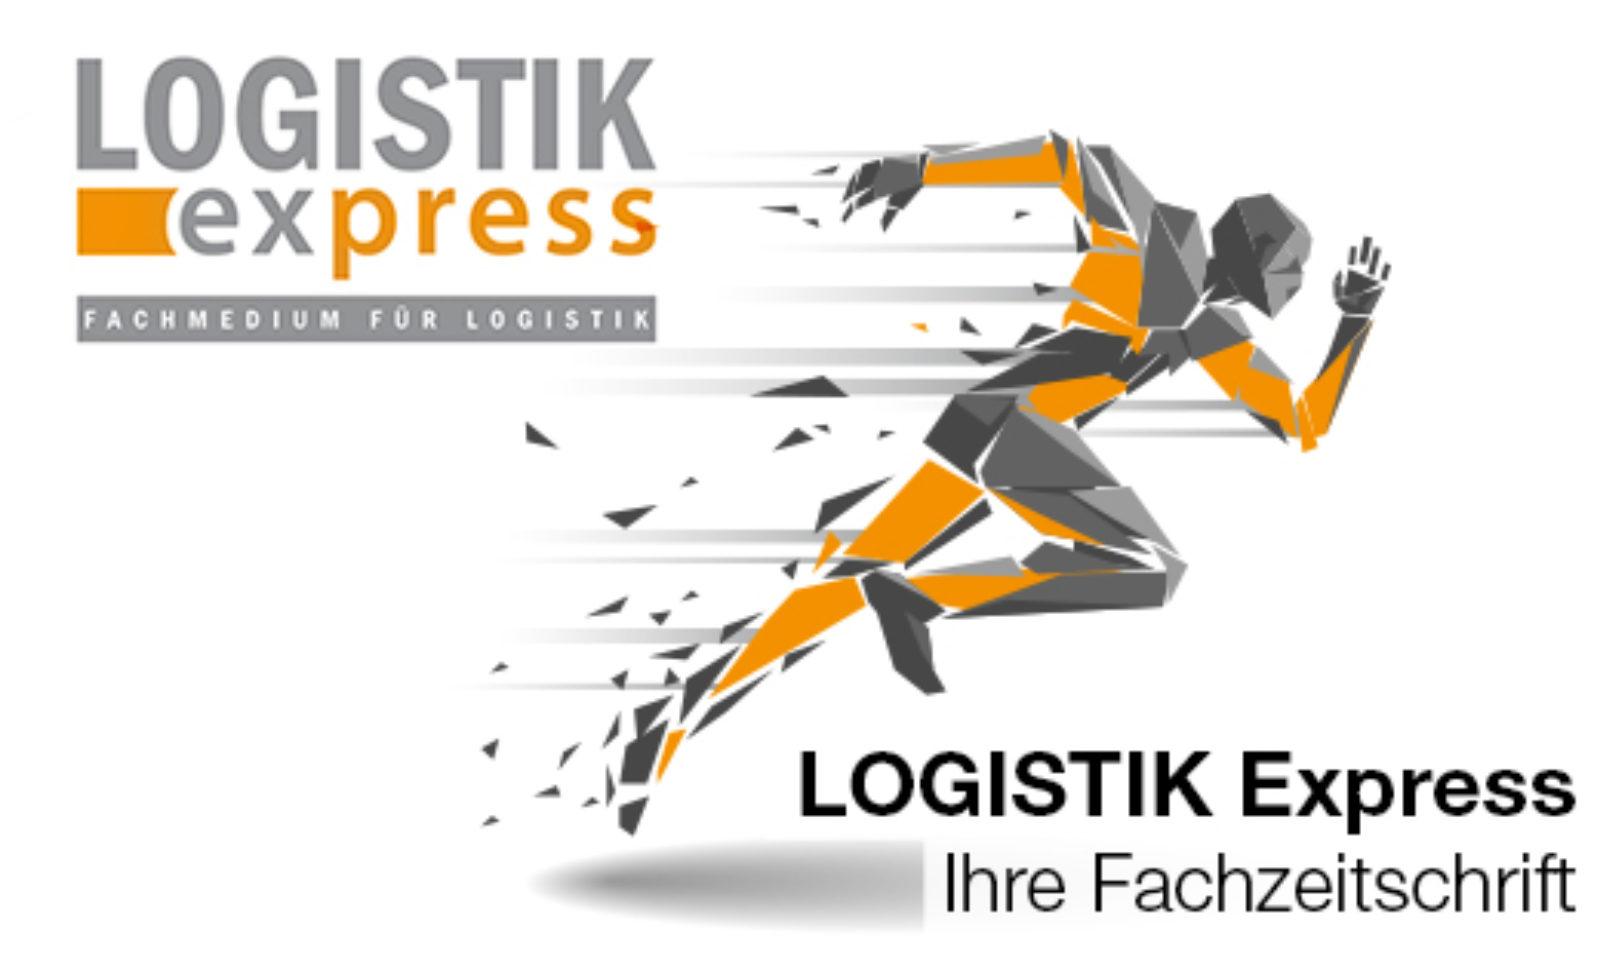 Branchentreff für eCommerce & Logistik am 26. September in Wien